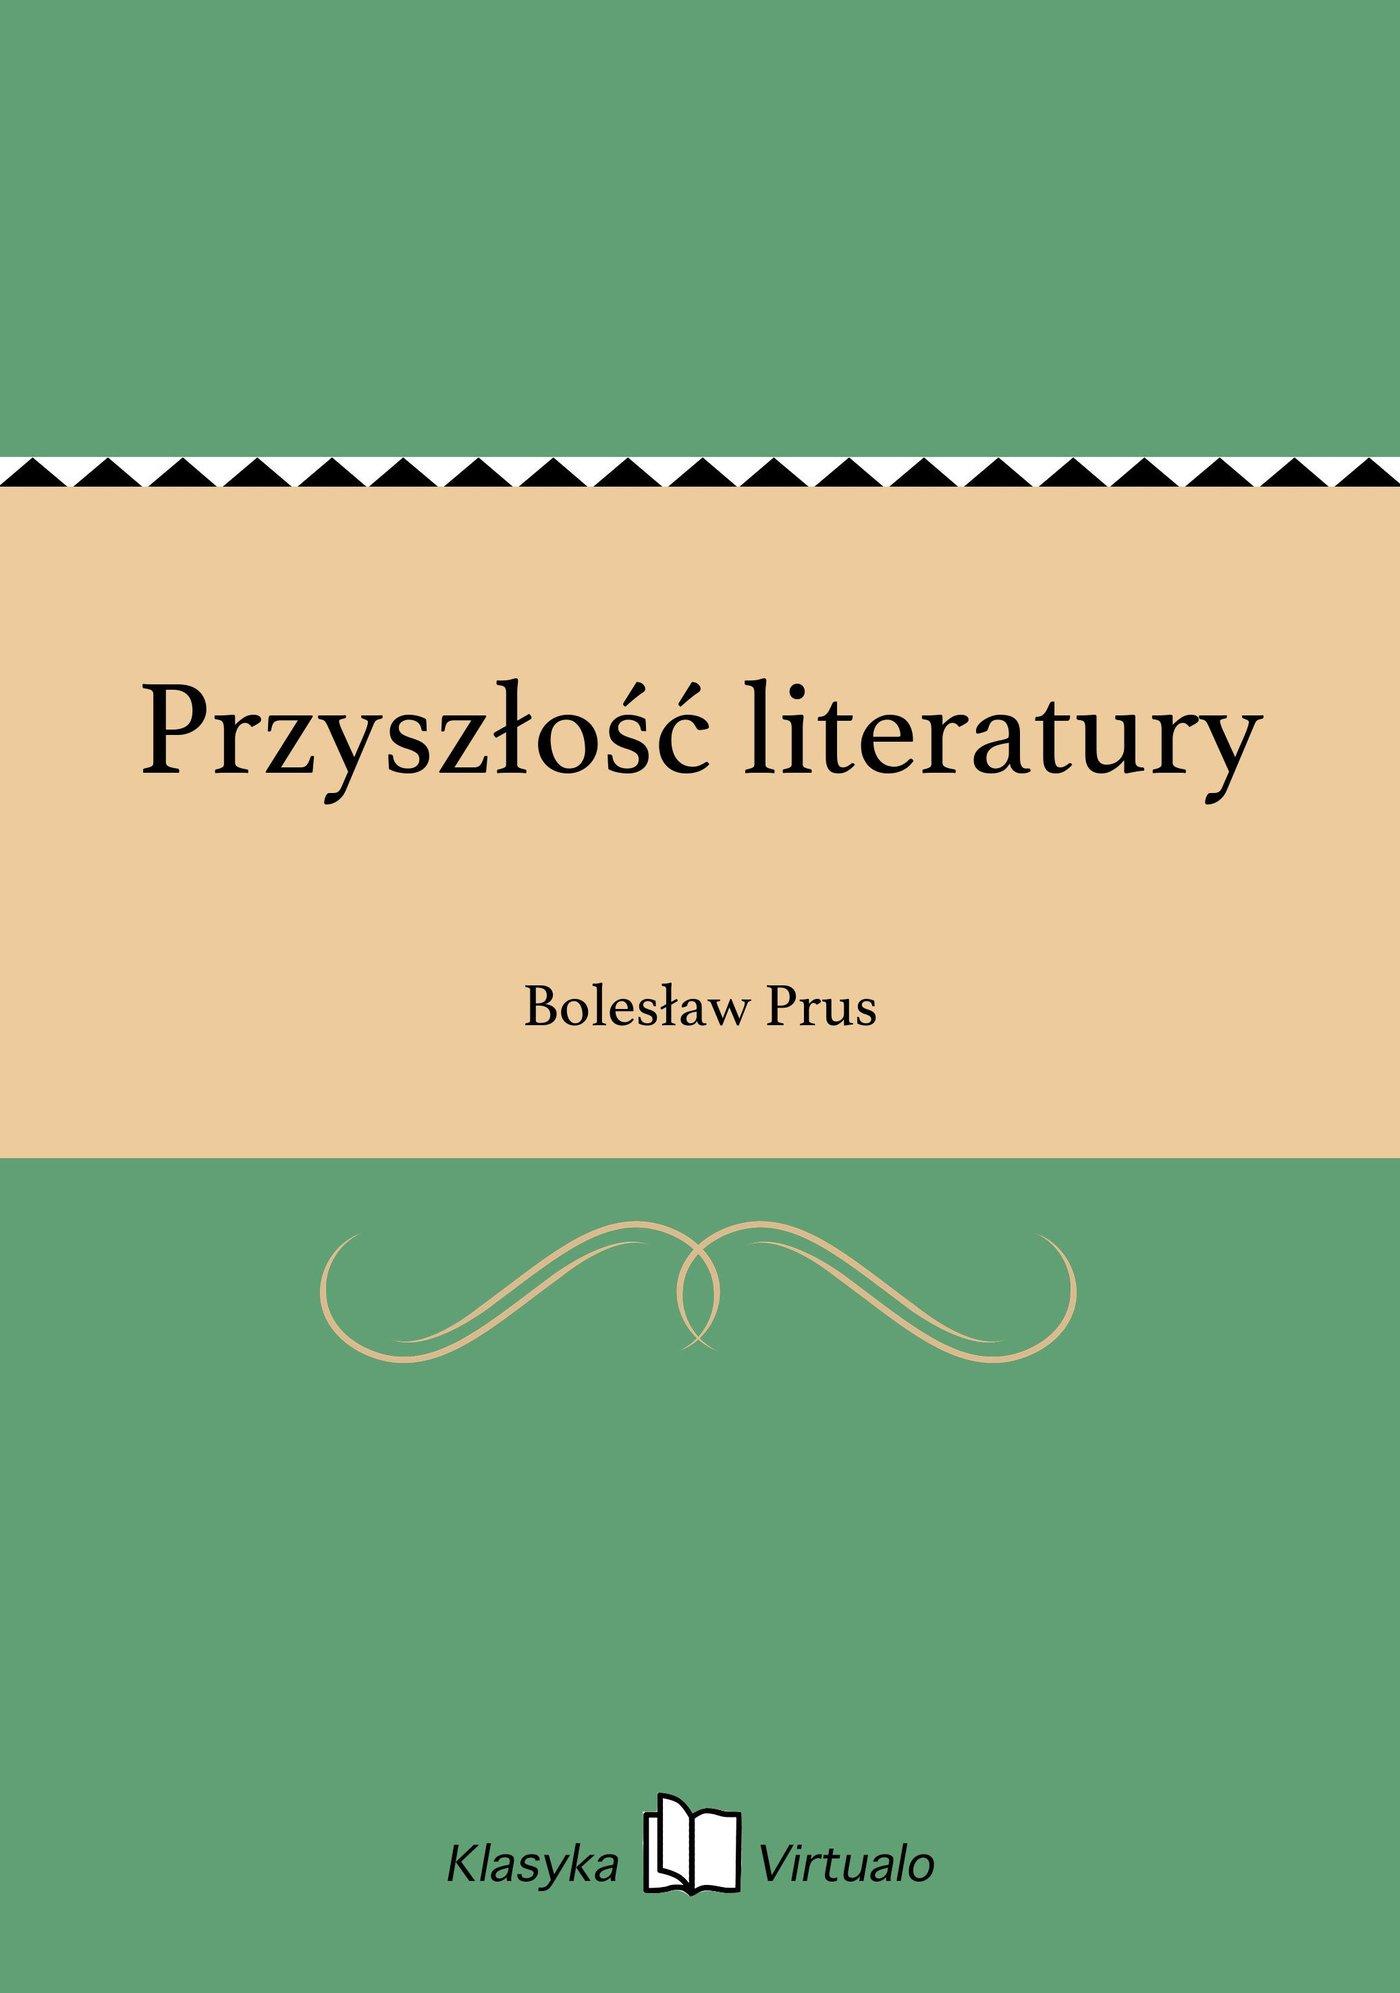 Przyszłość literatury - Ebook (Książka EPUB) do pobrania w formacie EPUB